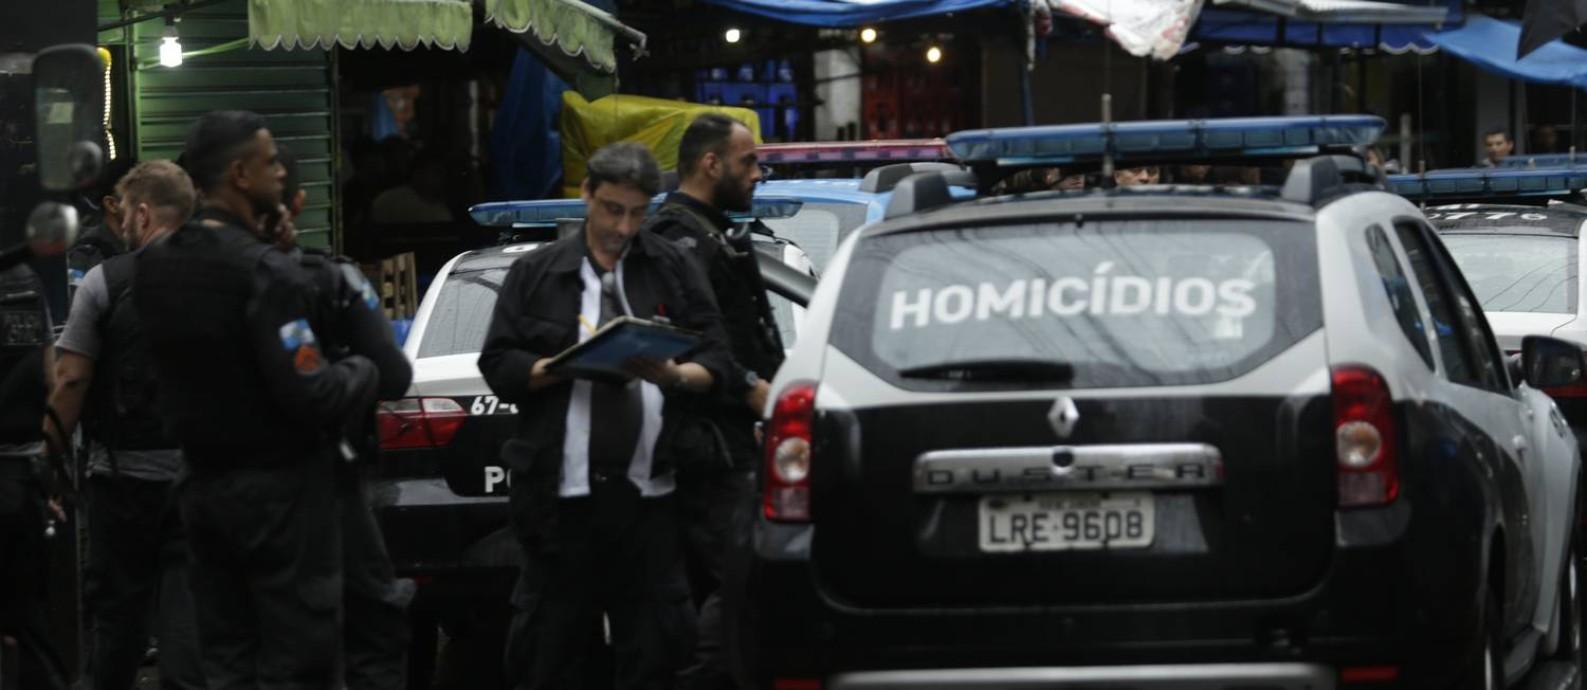 Viatura da Delegacia de Homicídios na Rocinha Foto: Gabriel de Paiva/23.10.2017 / Agência O Globo